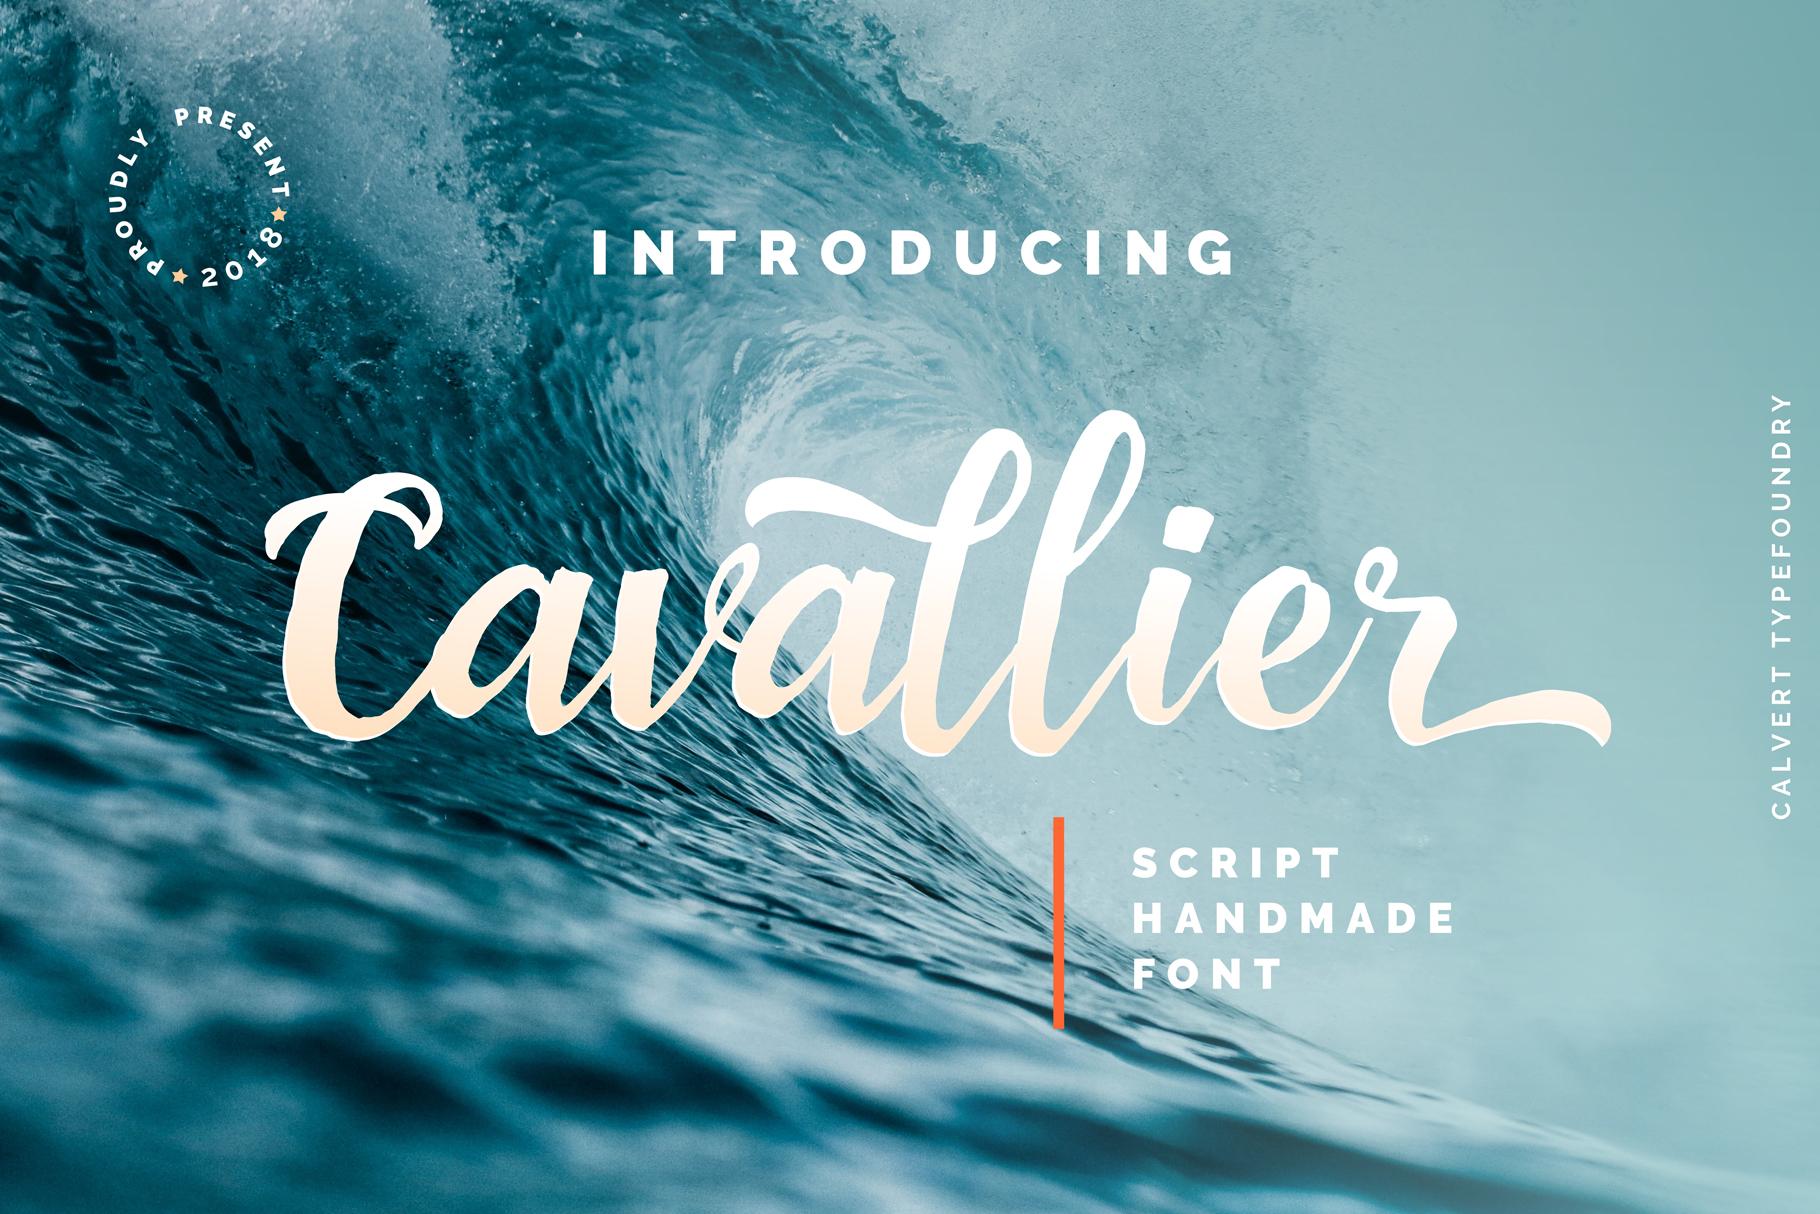 Cavallier Script example image 1